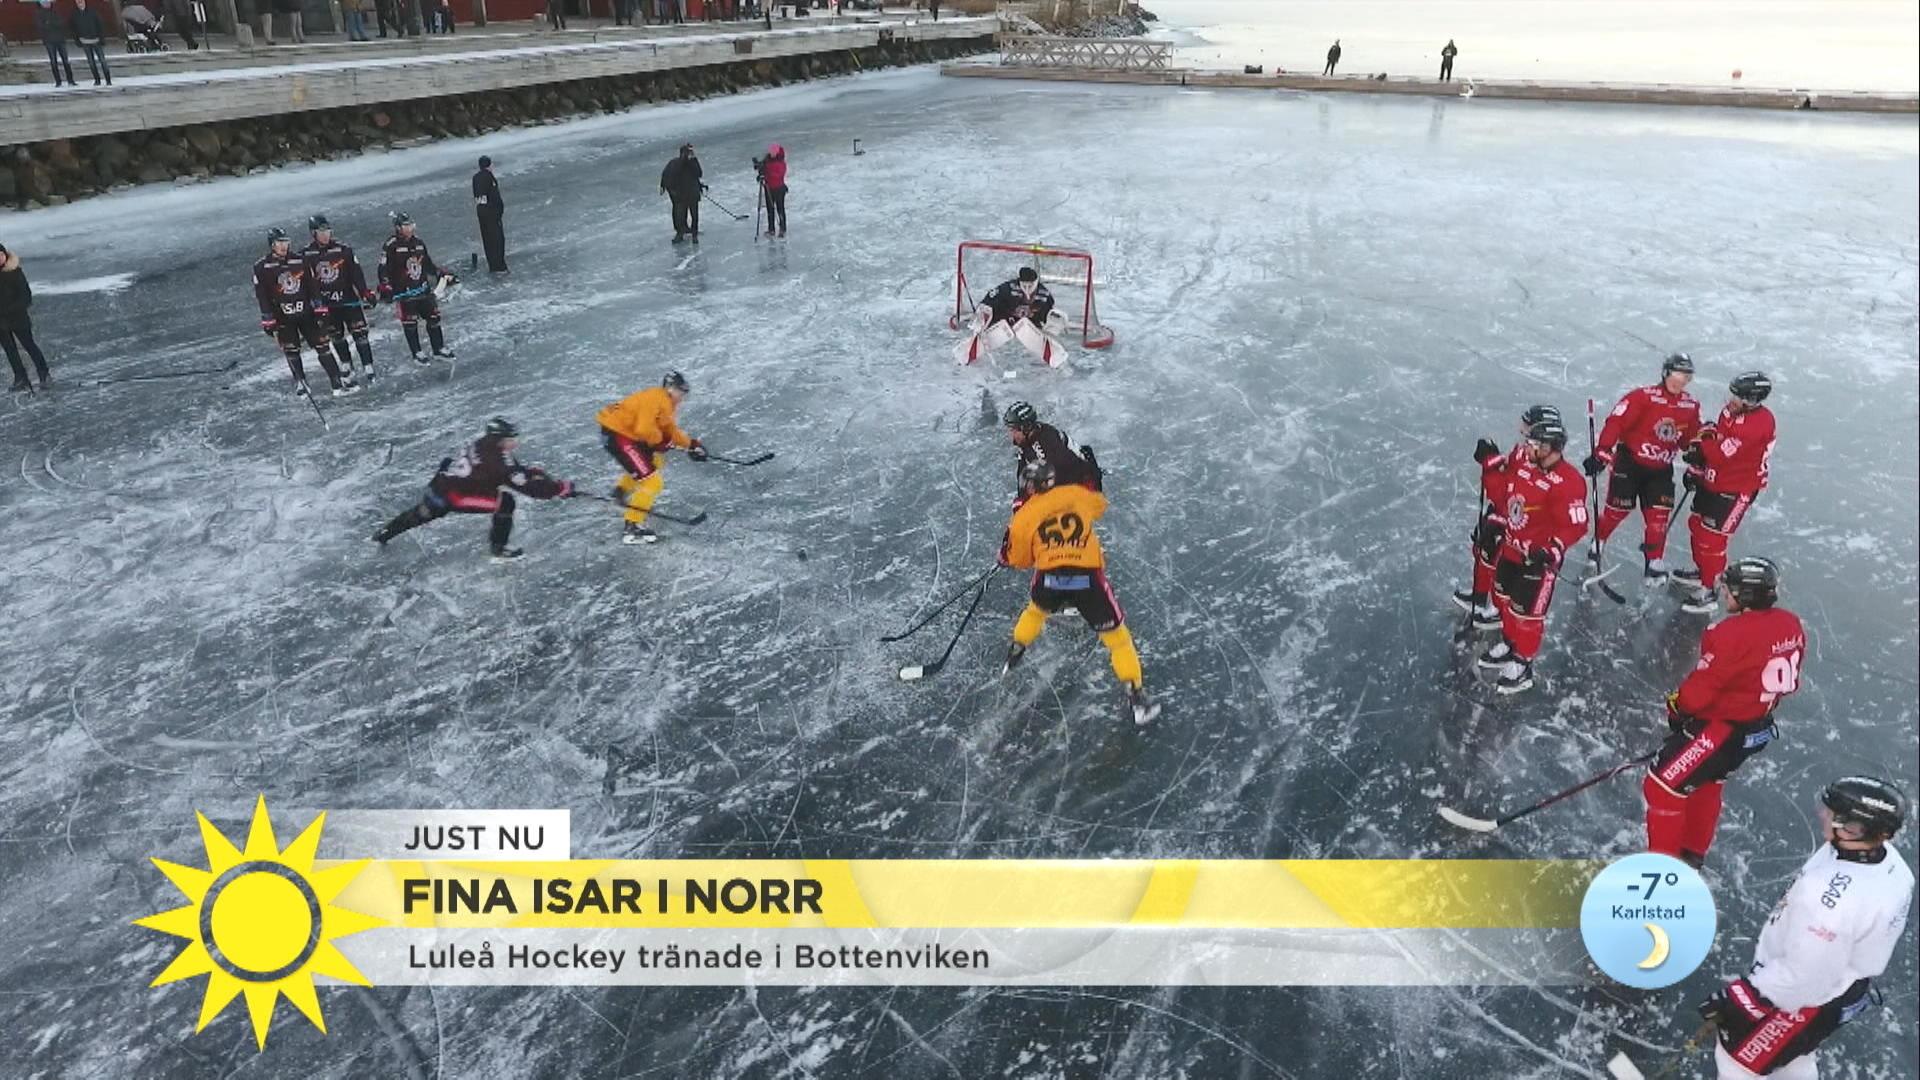 839f8c859759 Luleå Hockey tränade utomhus på naturis: